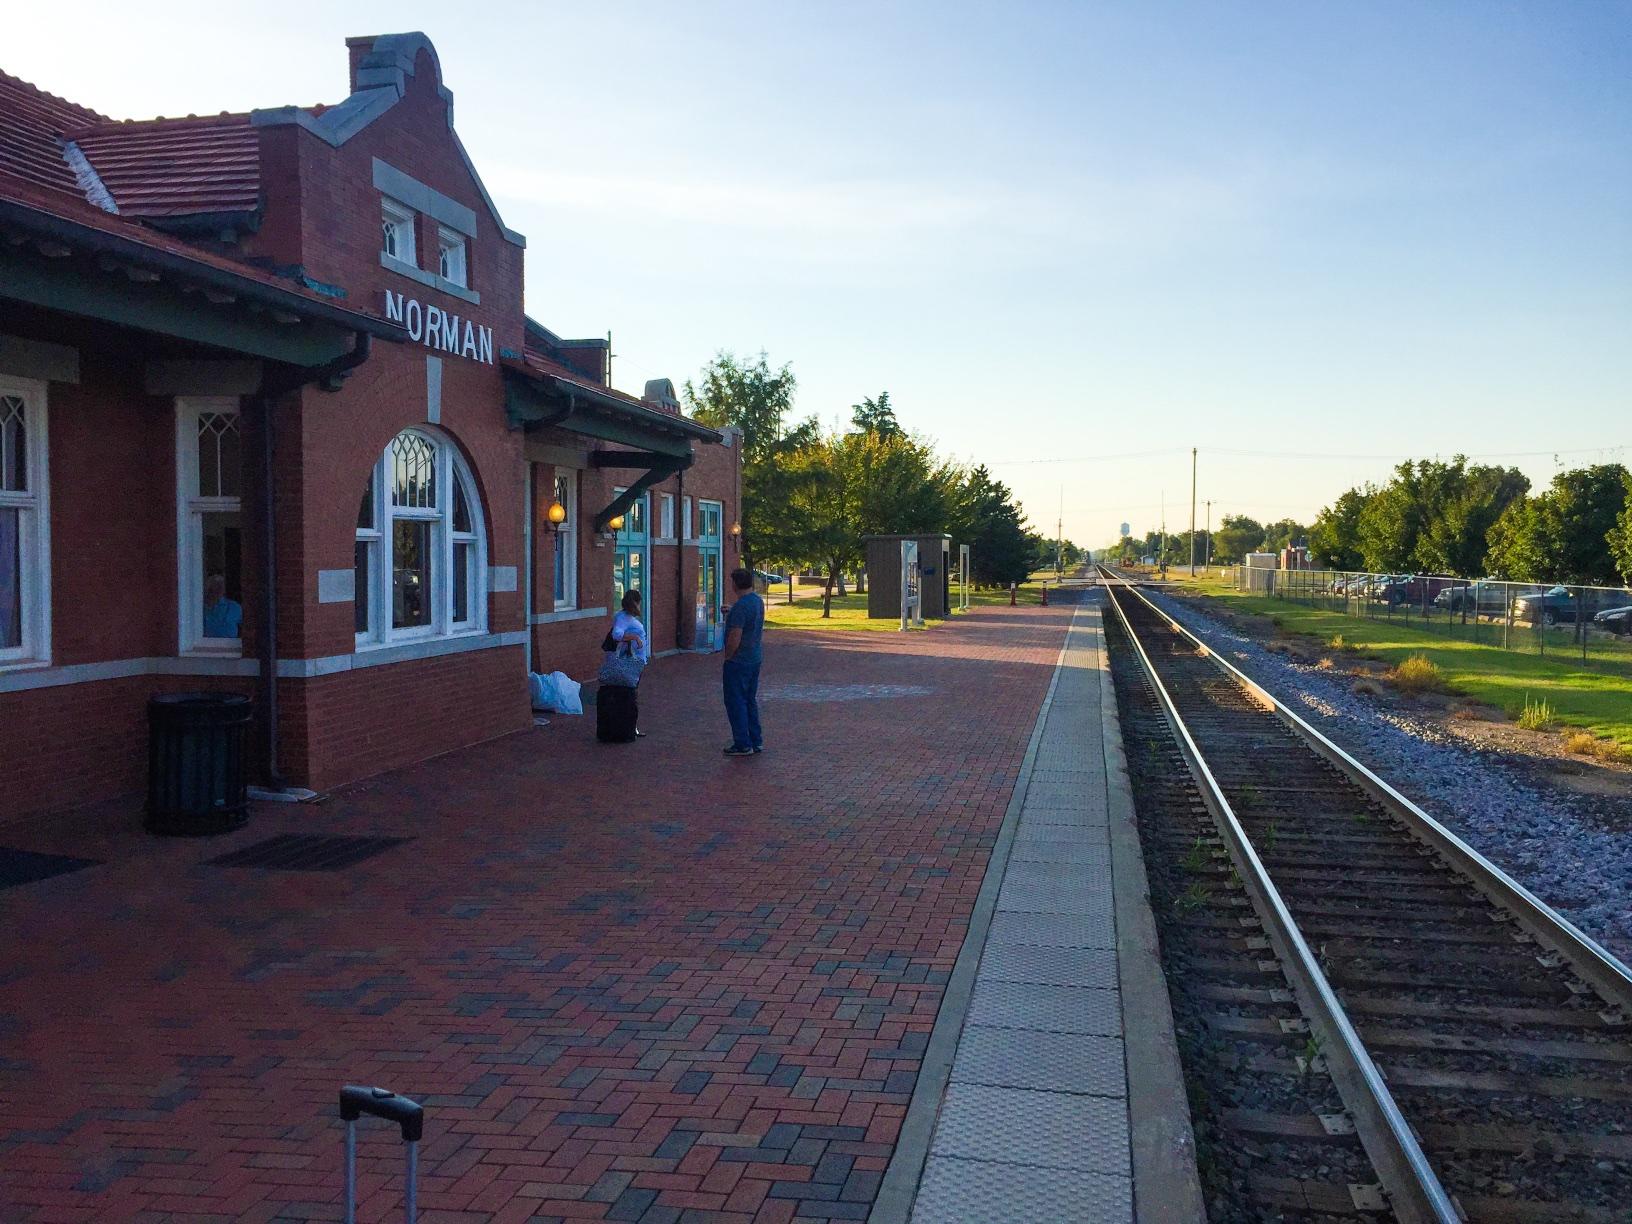 The Amtrak platform in Norman, Okla.